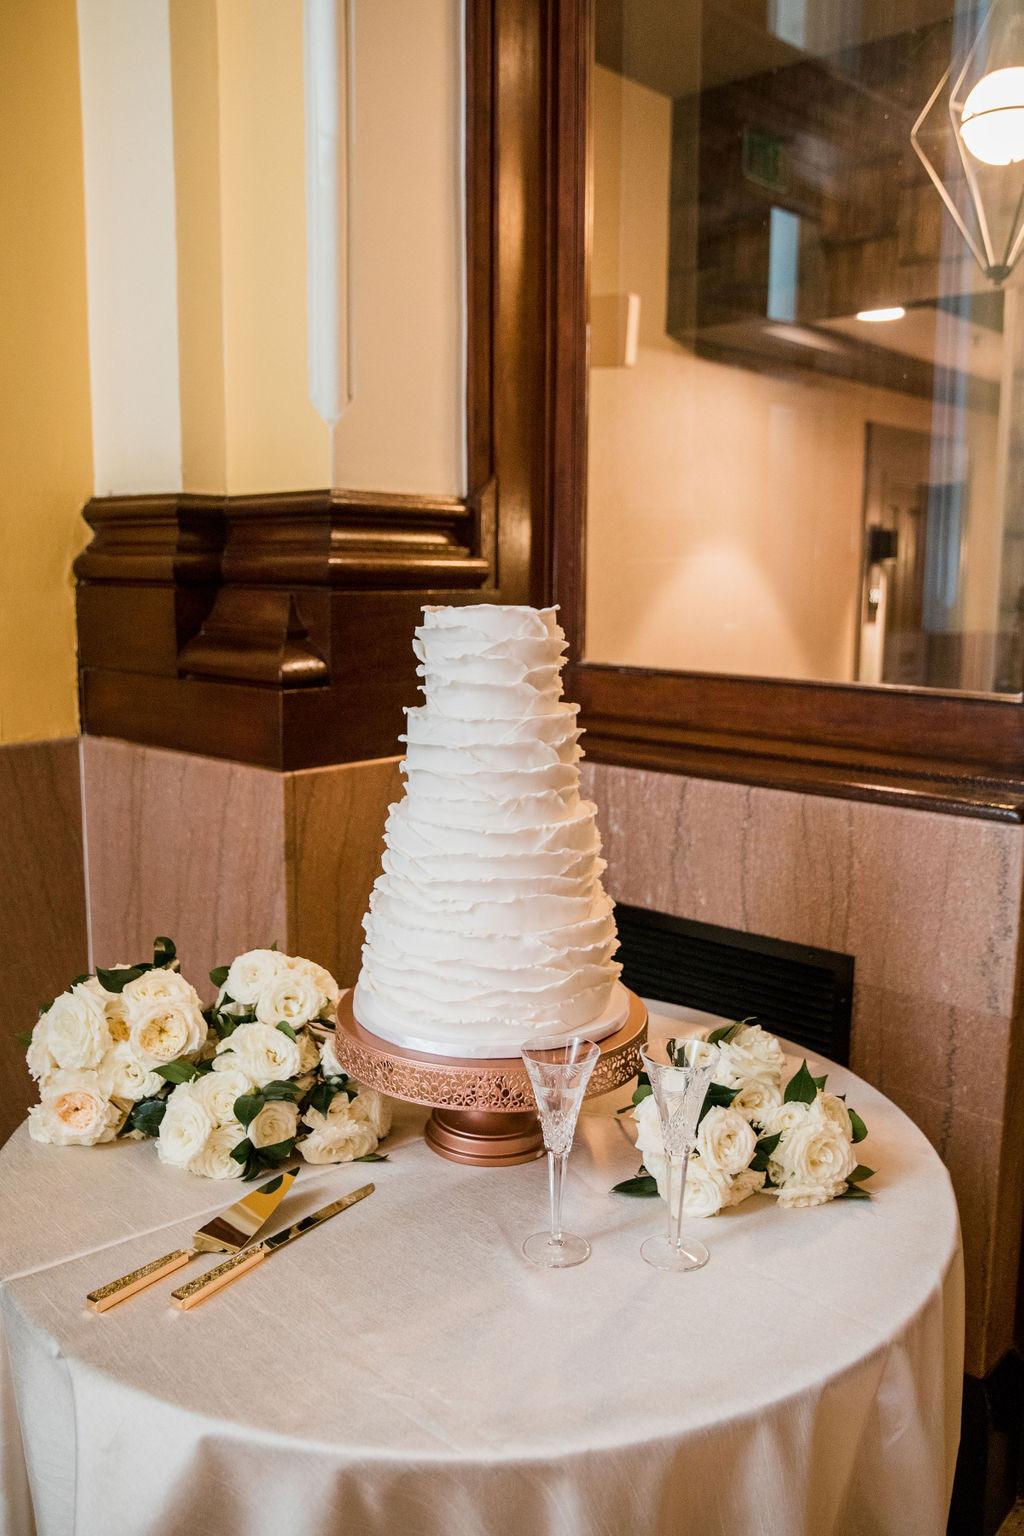 White wedding cake: Nashville wedding by John Myers Photography featured on Nashville Bride Guide